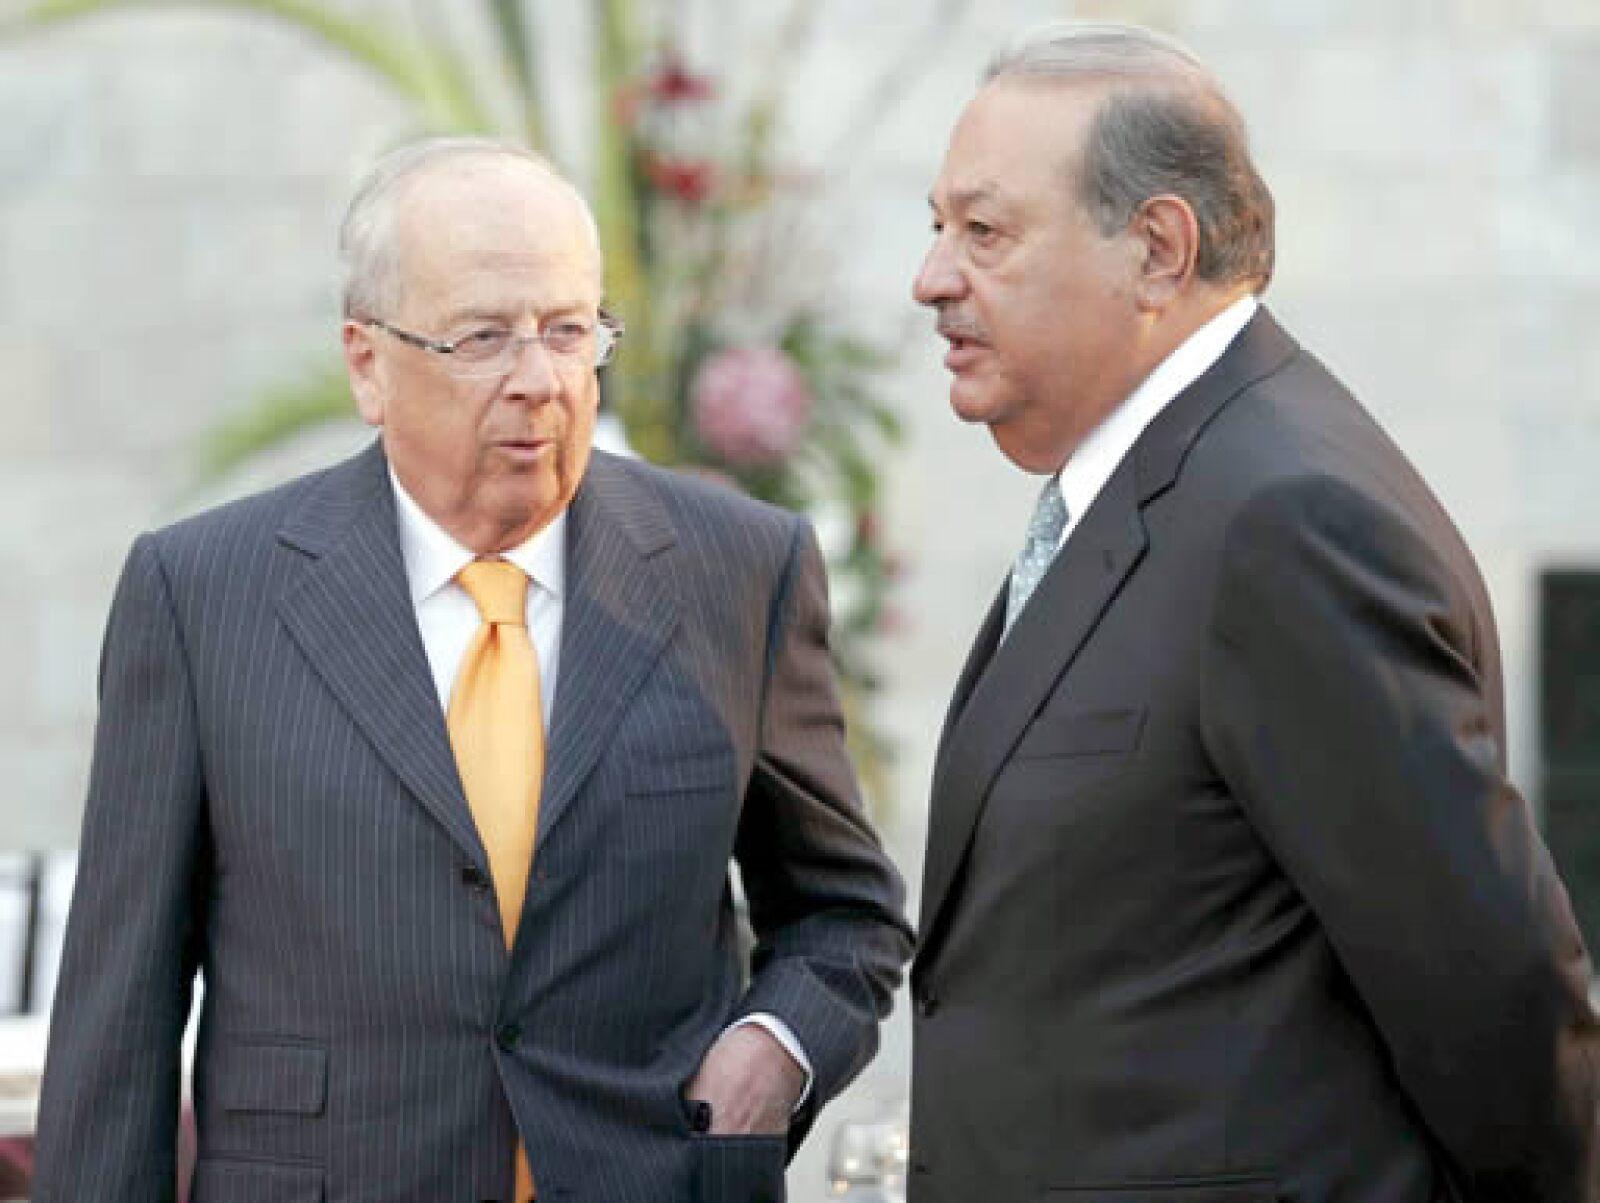 Claudio X. González, presidente del Consejo Mexicano de Hombres de Negocios, y el magnate Carlos Slim acudieron a la cena de honor del presidente Obama en el Museo de Antropología.